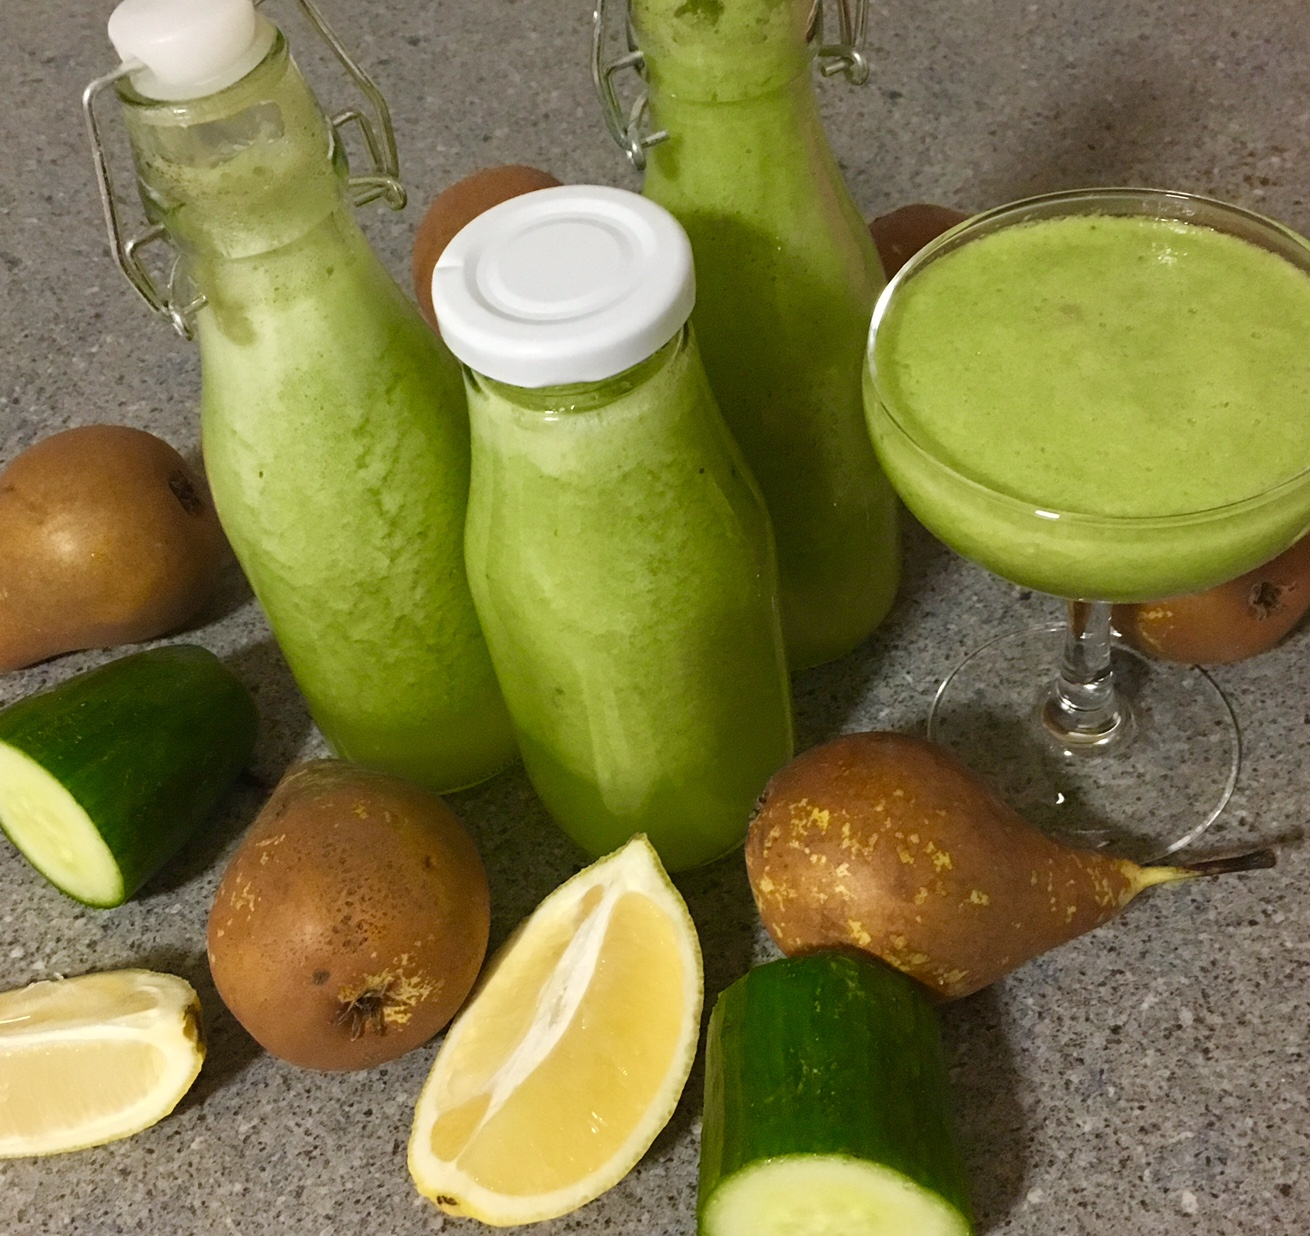 Slik lager du grønn juice som ikke smaker gress